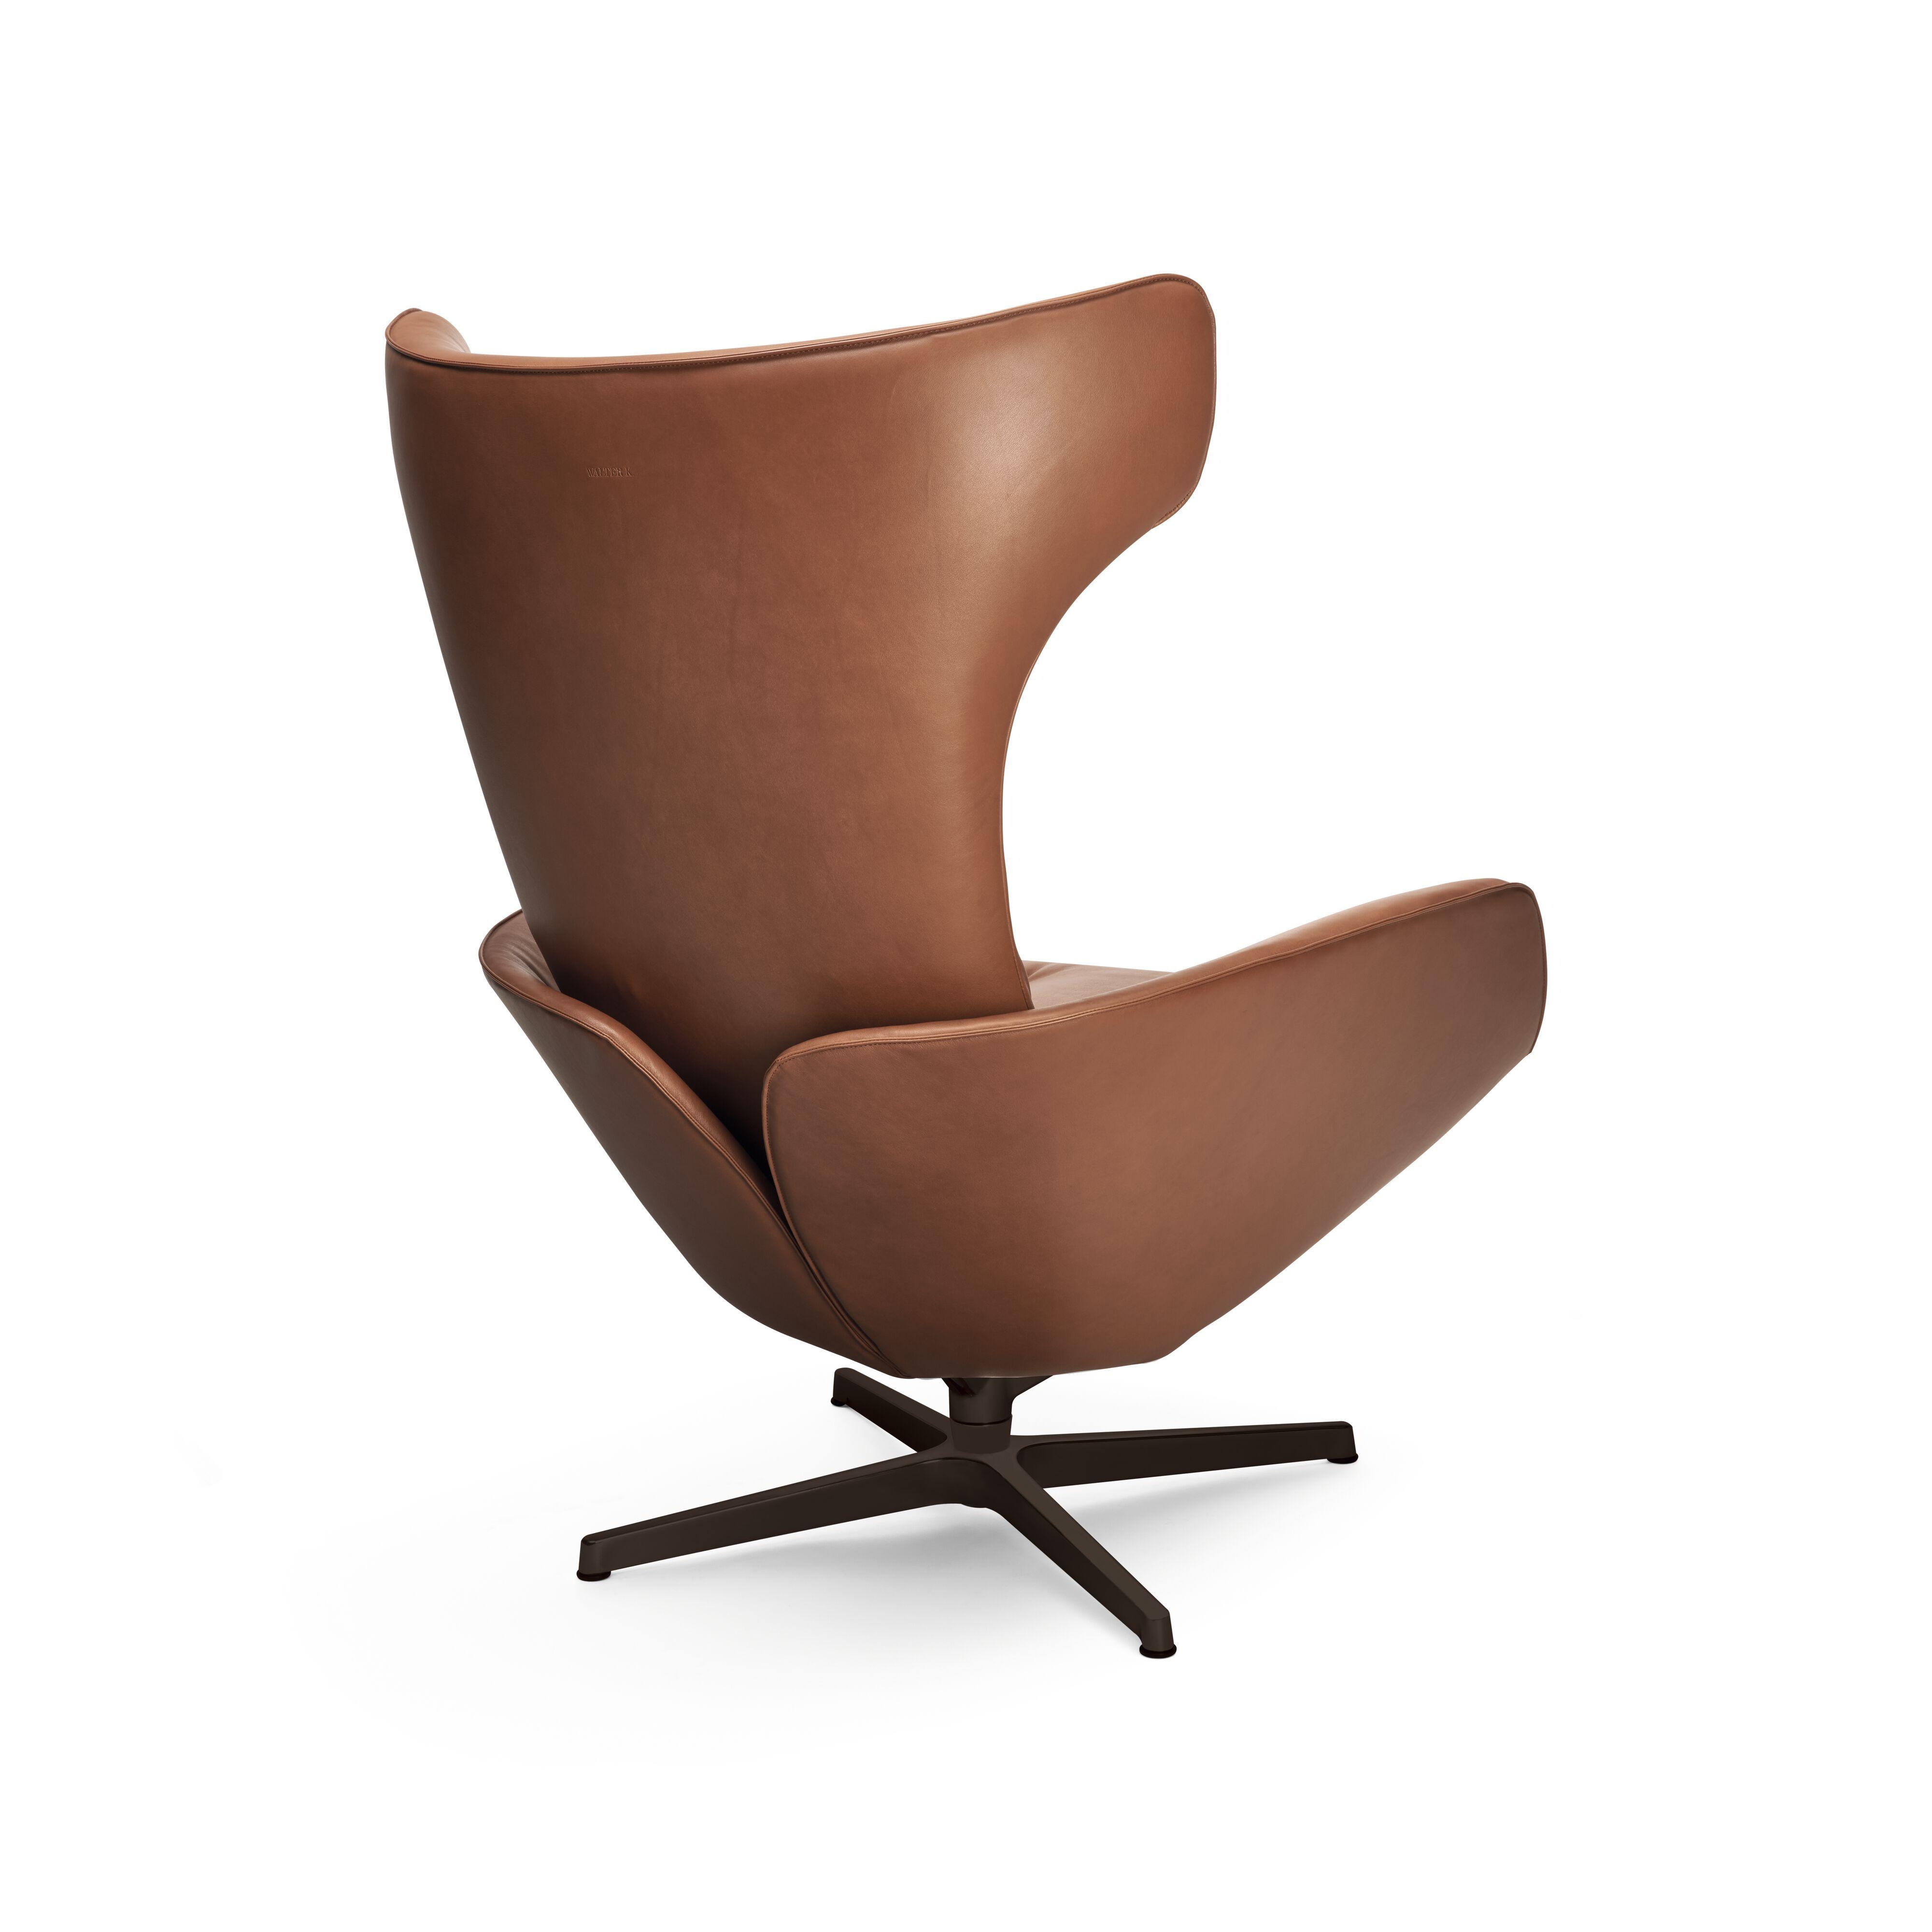 02-WK-Onsa Chair-matt-pulverbeschichtet, bronze-0012-Walter K-H.tif